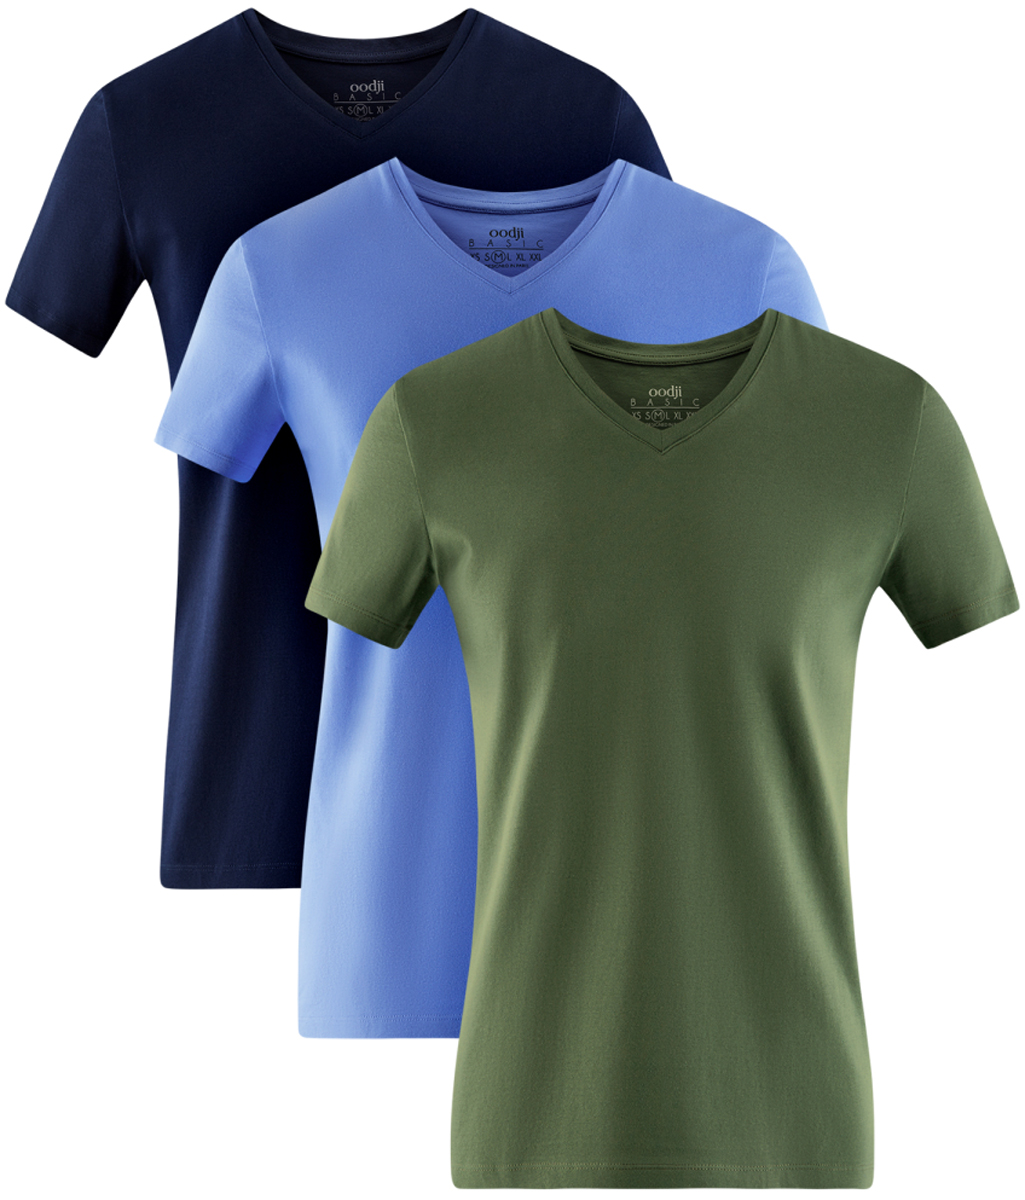 Футболка мужская oodji Basic, цвет: темно-синий, голубой, зеленый, 3 шт. 5B612002T3/46737N/1900N. Размер XL (56)5B612002T3/46737N/1900NМужская базовая футболка от oodji выполнена из эластичного хлопкового трикотажа. Модель с короткими рукавами и V-образным вырезом горловины. В комплект входит три футболки.